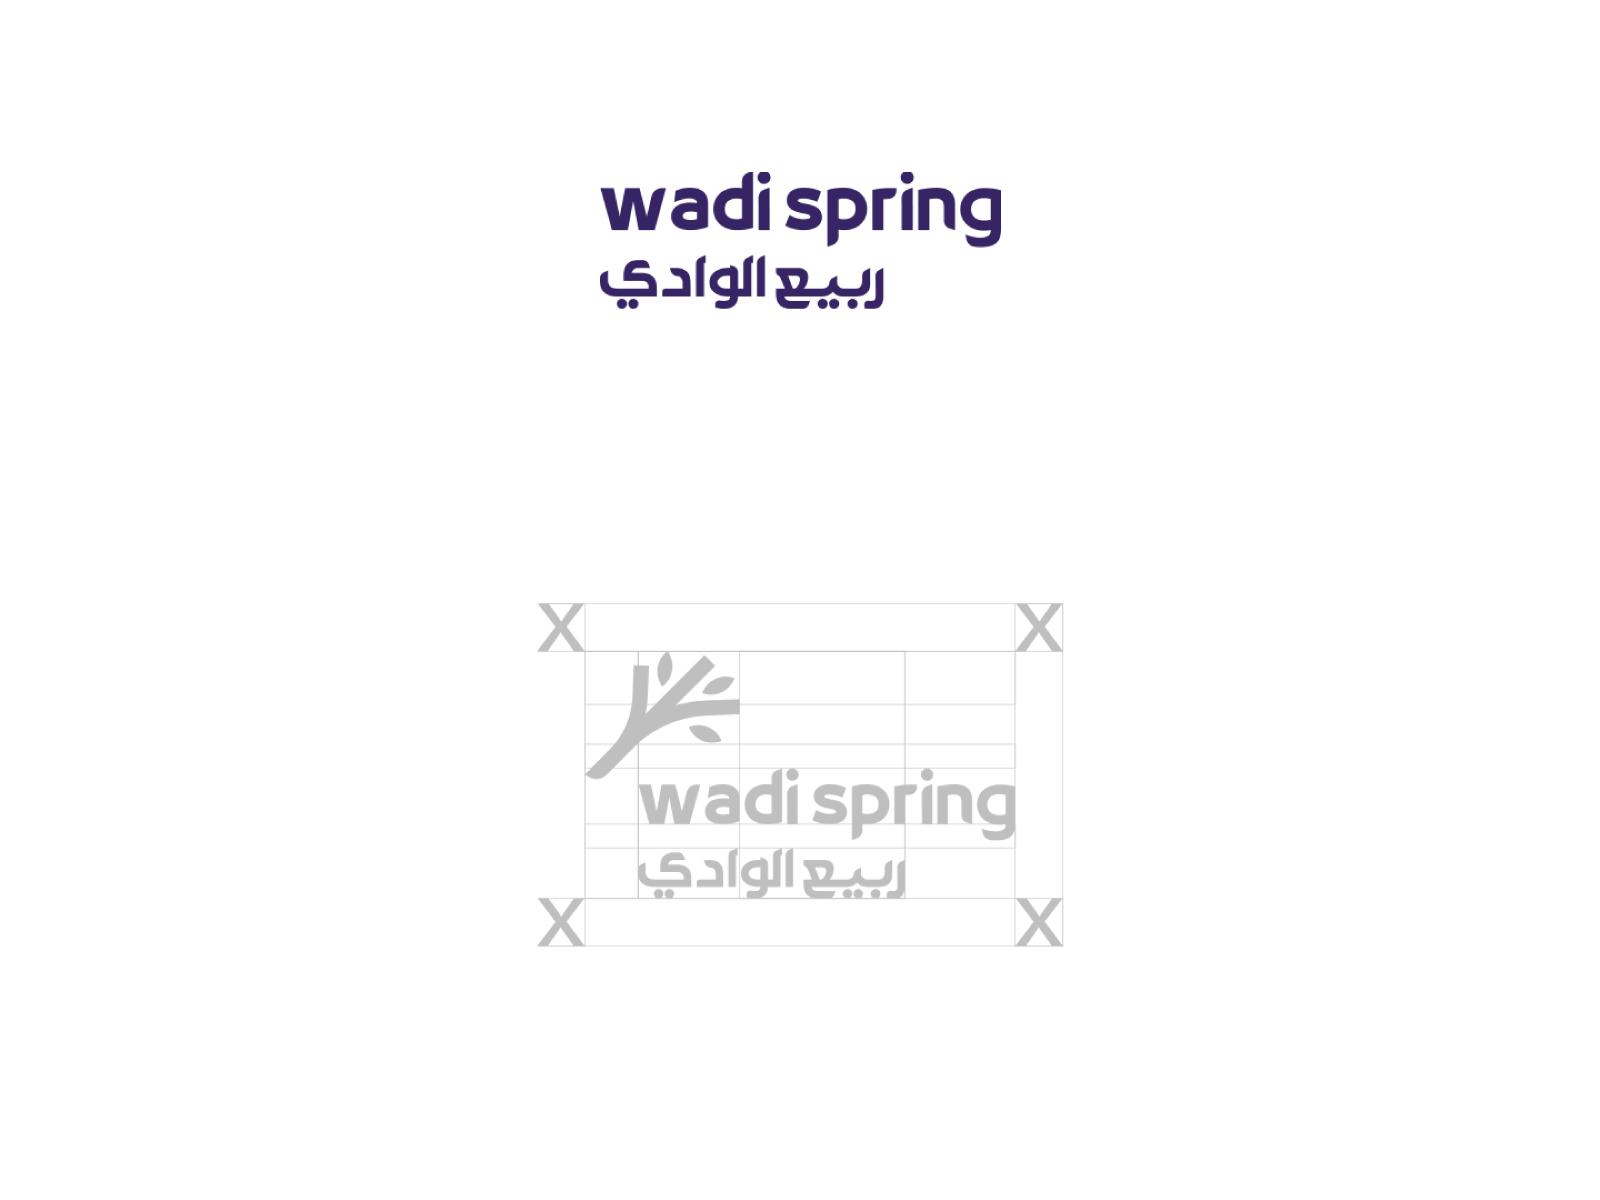 هوية فعالية ربيع الوادي في شركة وادي مكة للتقنية